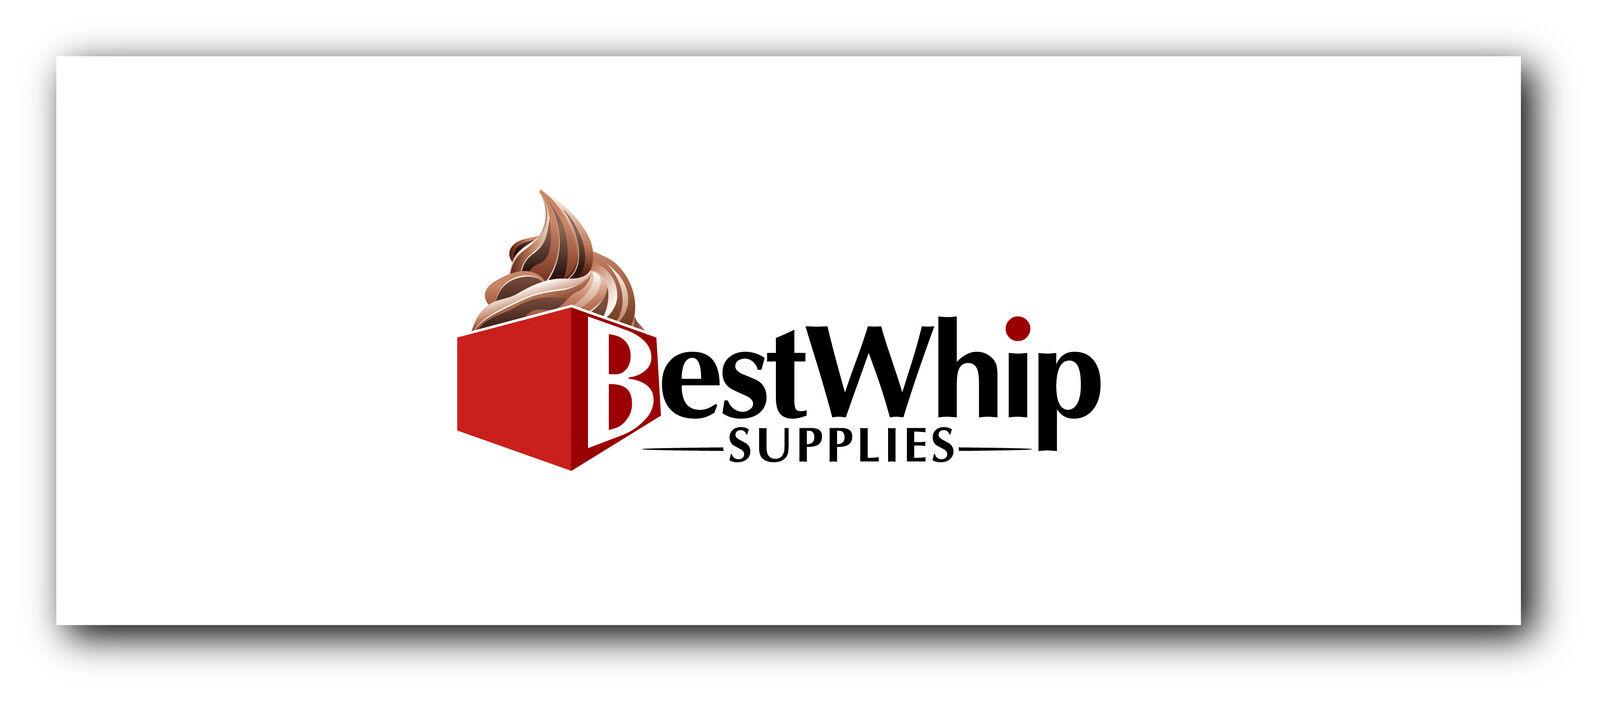 Best Whip Supplies